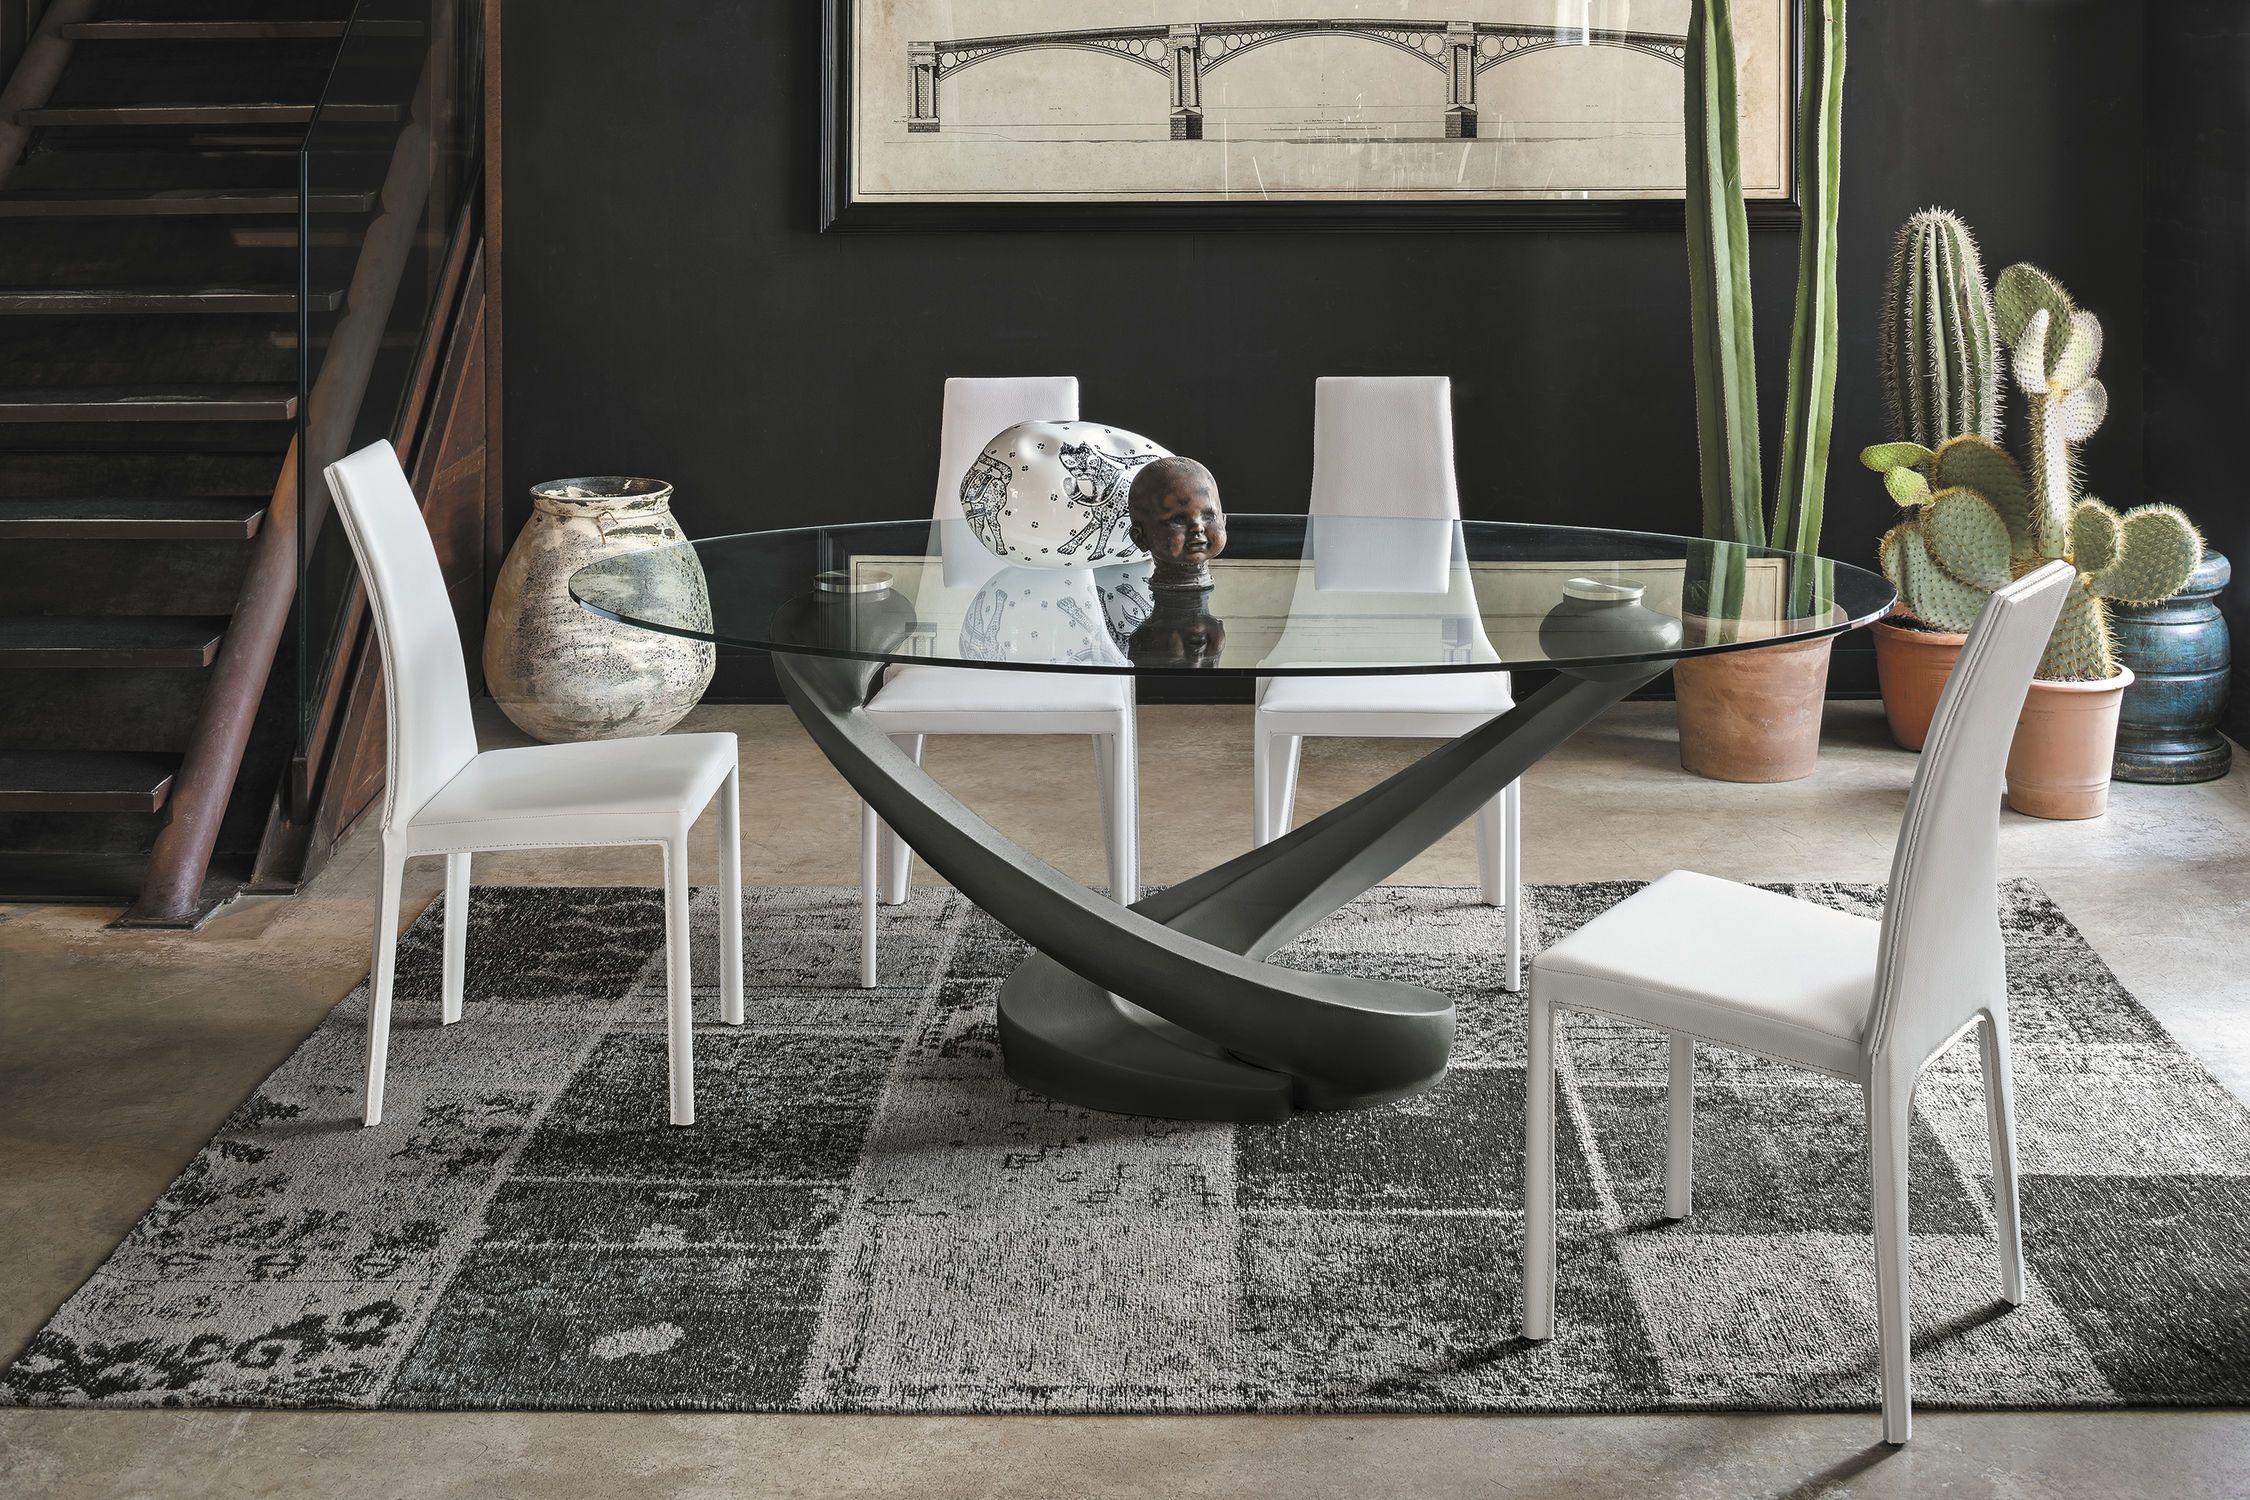 Tavolo Cristallo Moderno.Tavolo Da Pranzo Moderno In Vetro Temprato Ovale Tango In